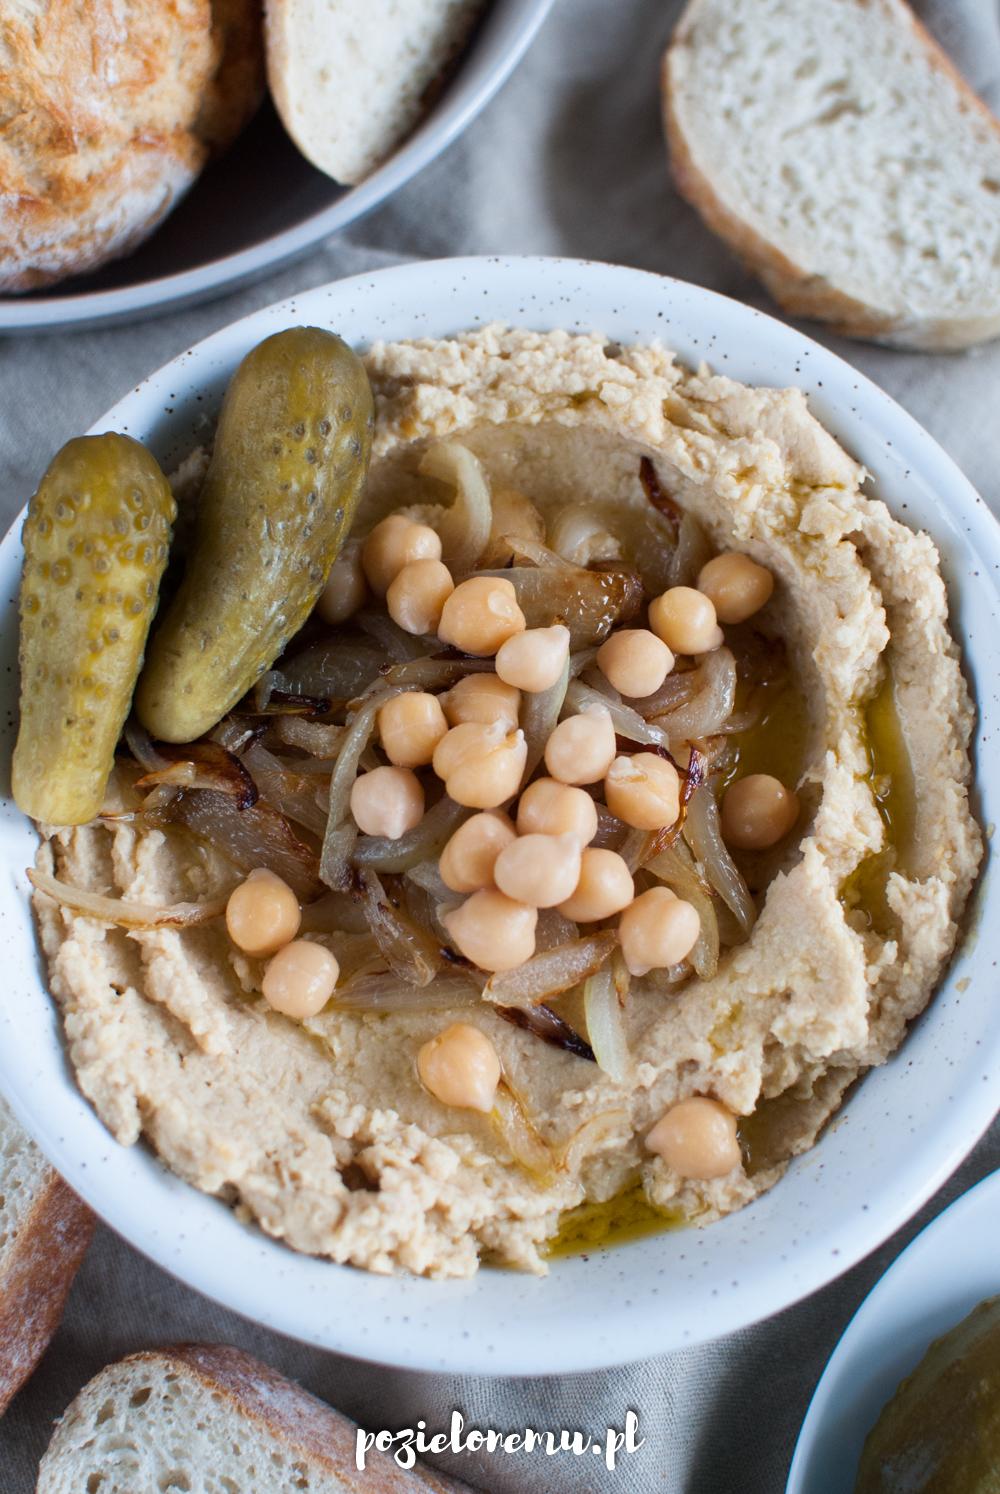 Hummus po polsku, czyli hummus cebulowy